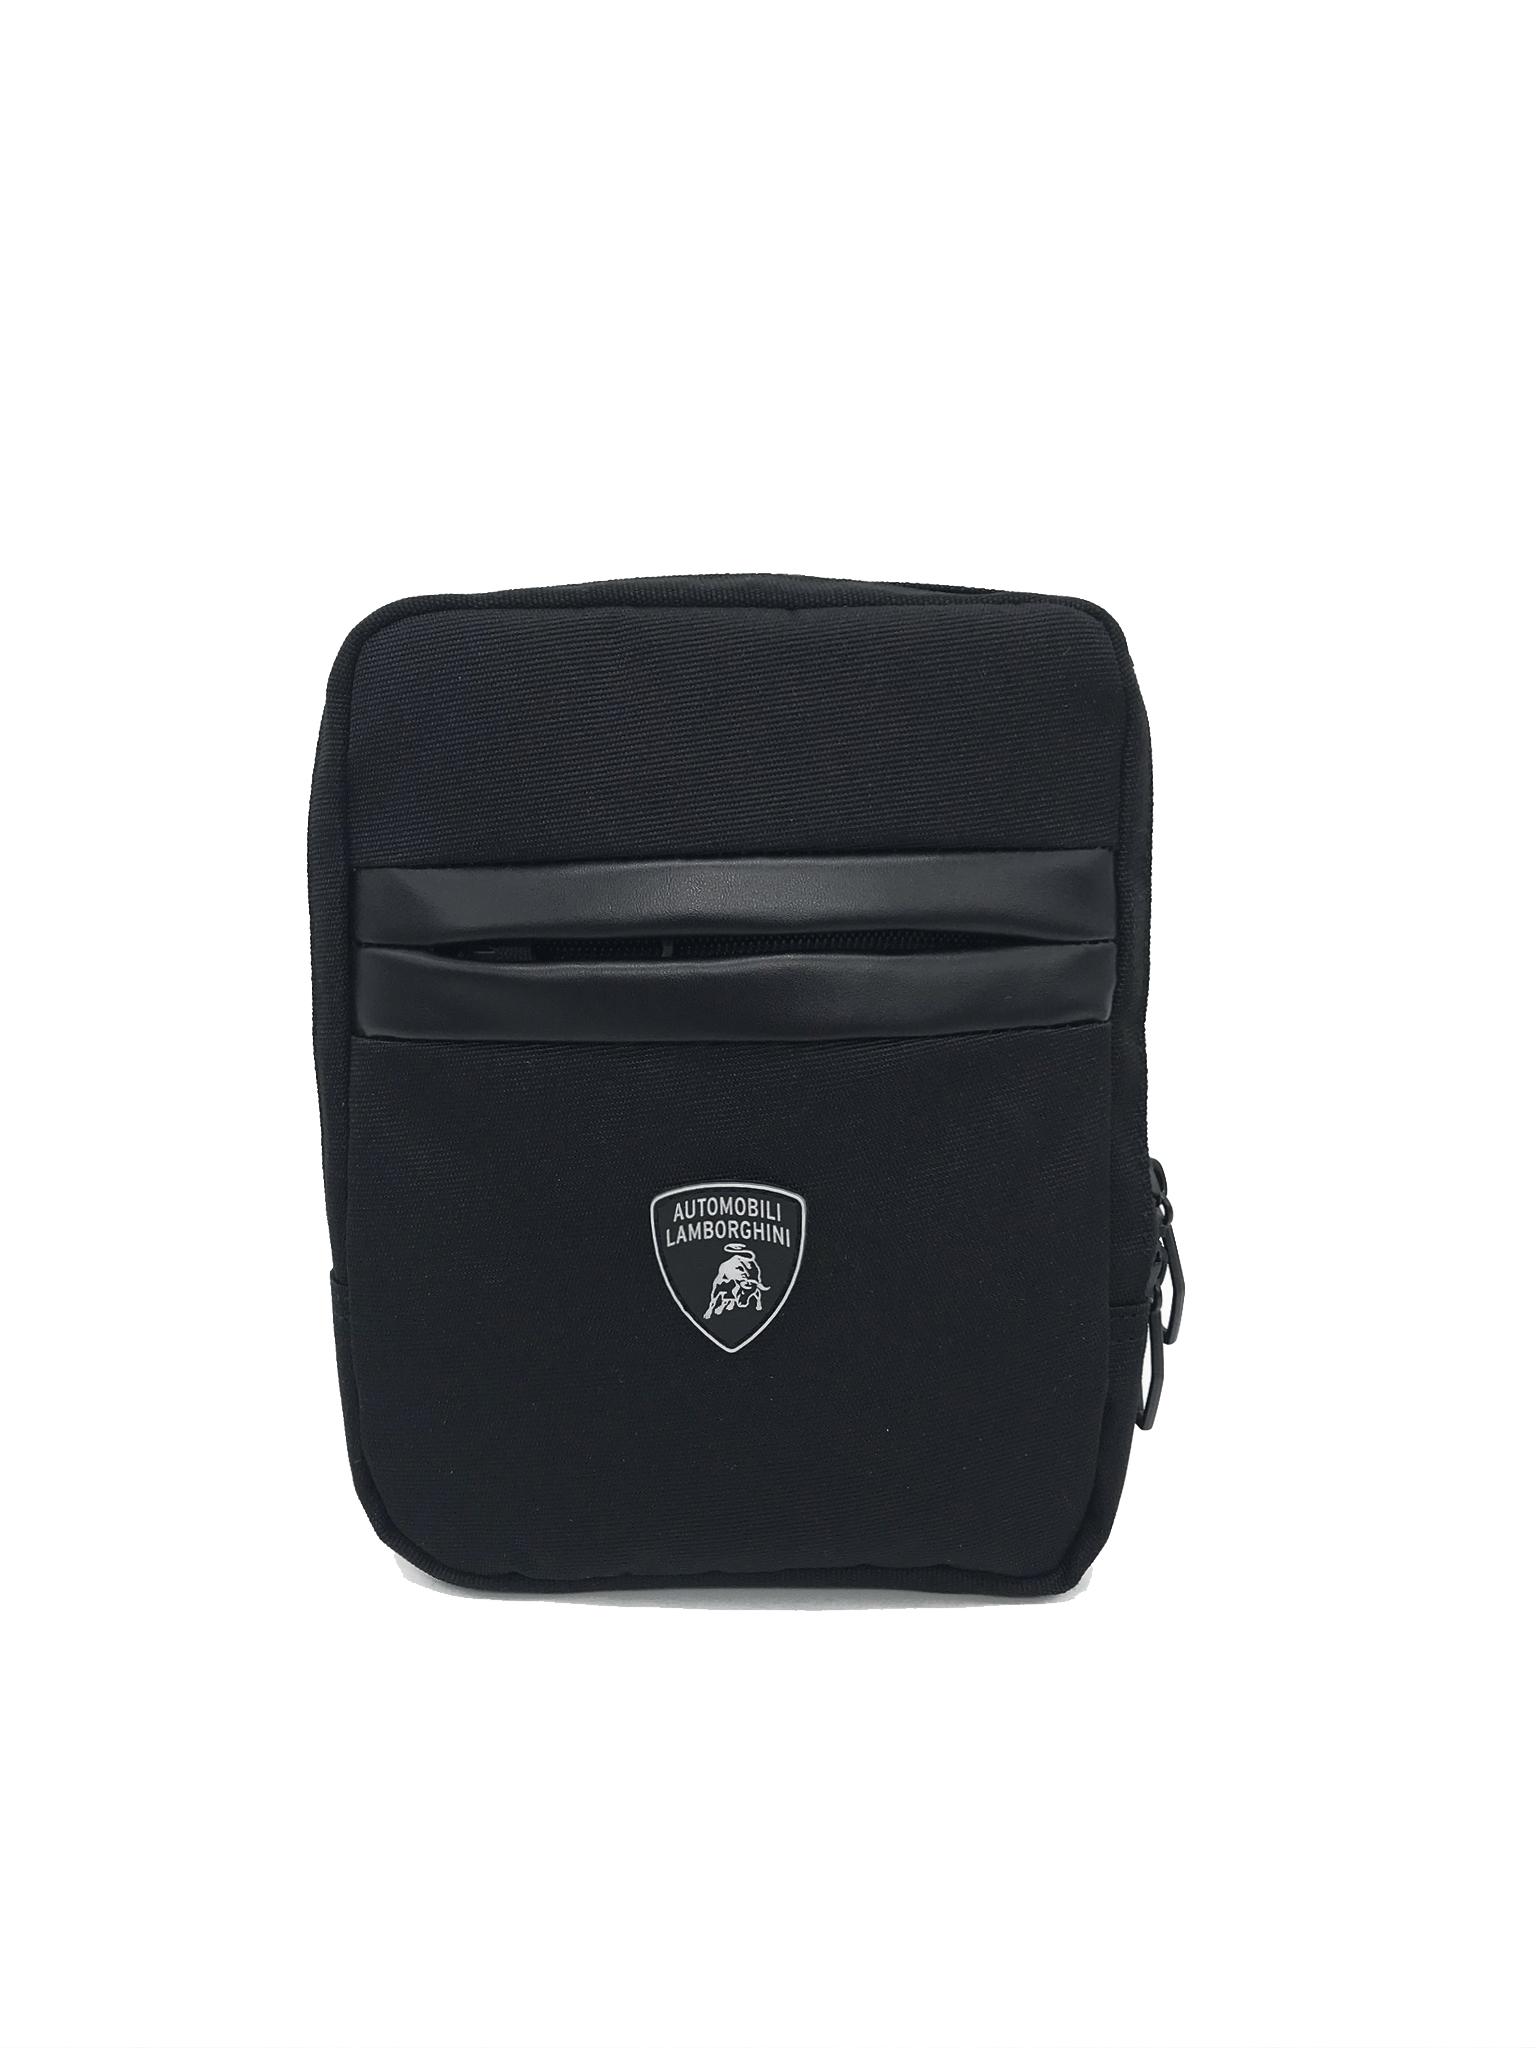 Сумка через плечо Lamborghini Essential, black